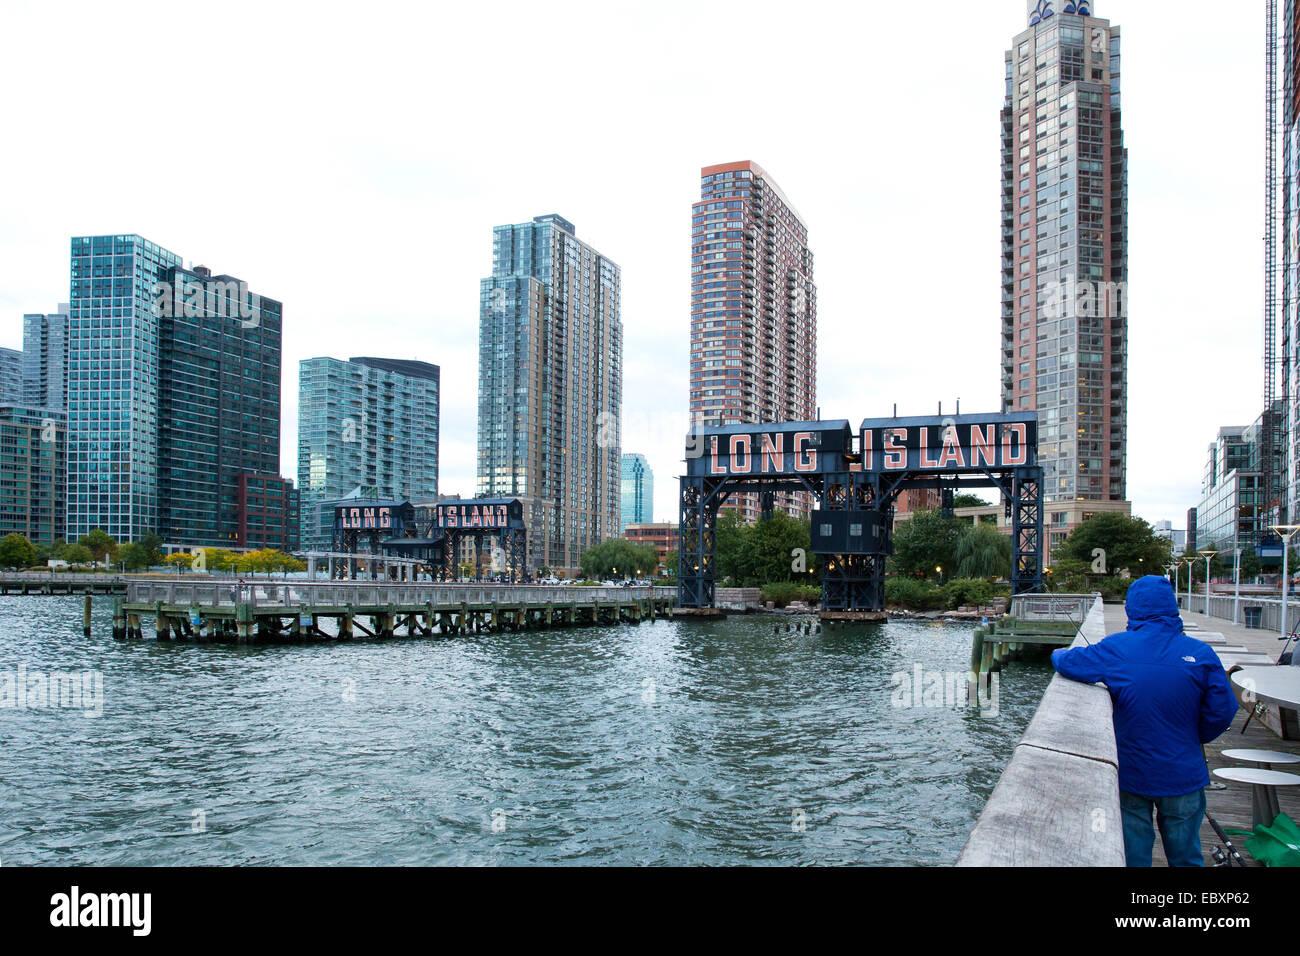 Il cacciatore punto a sud di sviluppo, Long Island City, Queens, NY, STATI UNITI D'AMERICA, la città di Immagini Stock